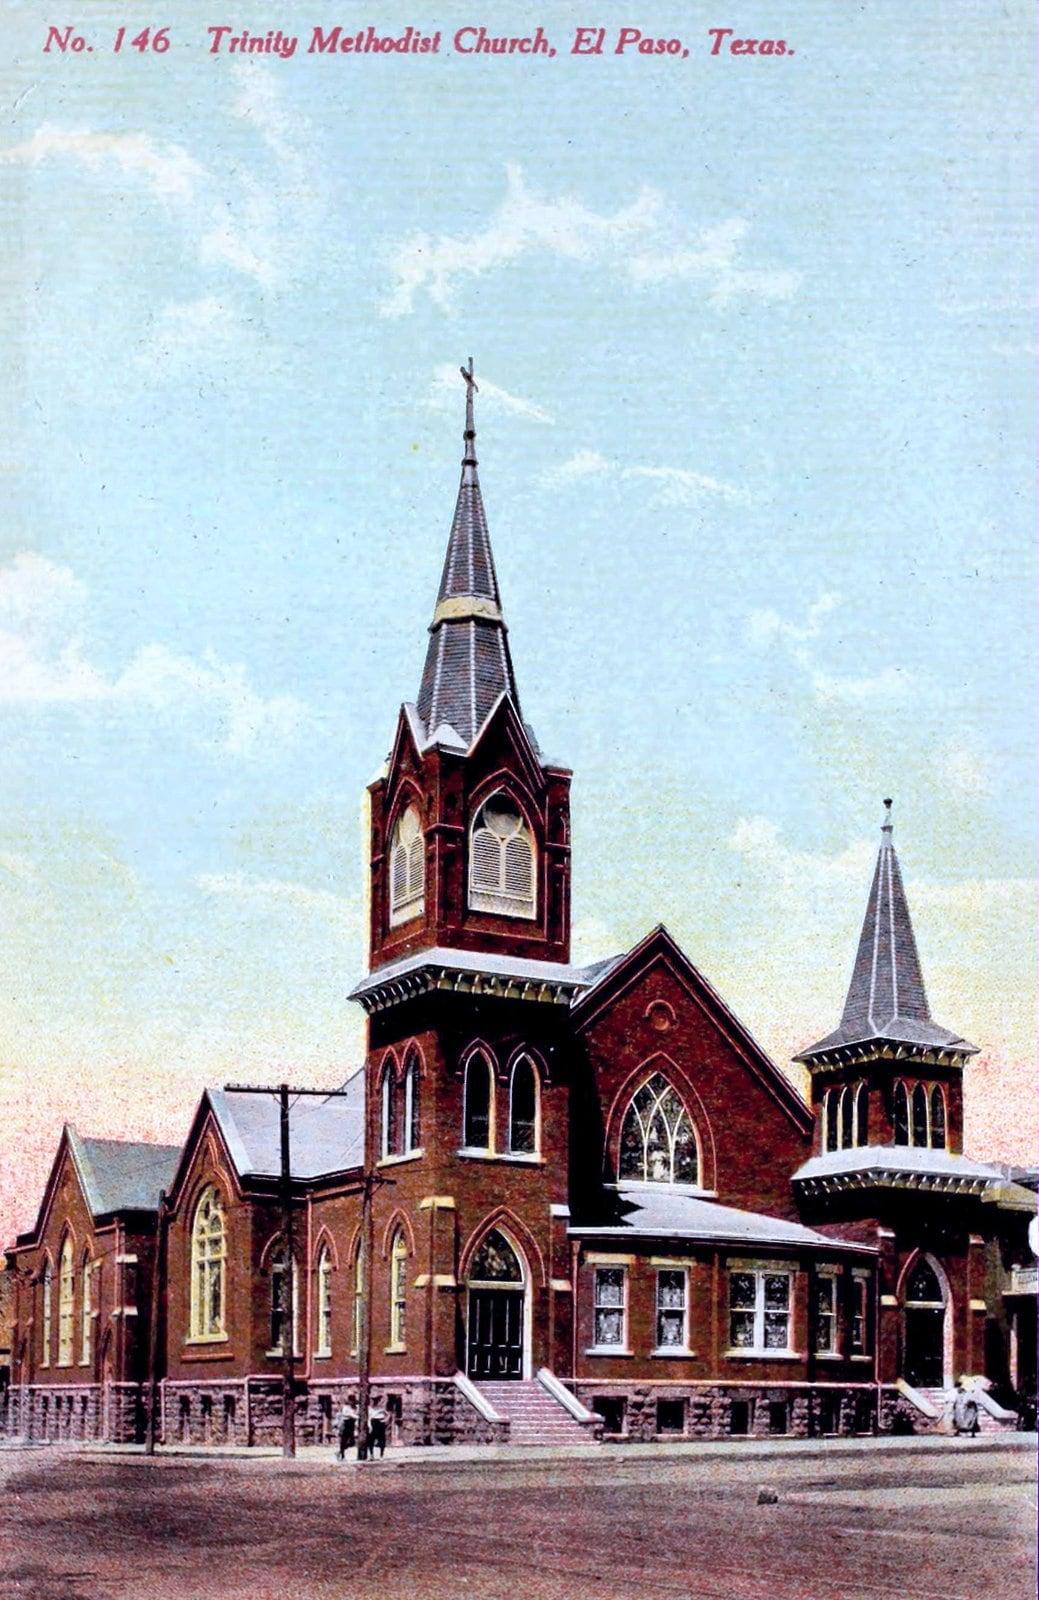 Trinity Methodist Church in El Paso, Texas - Vintage postcard